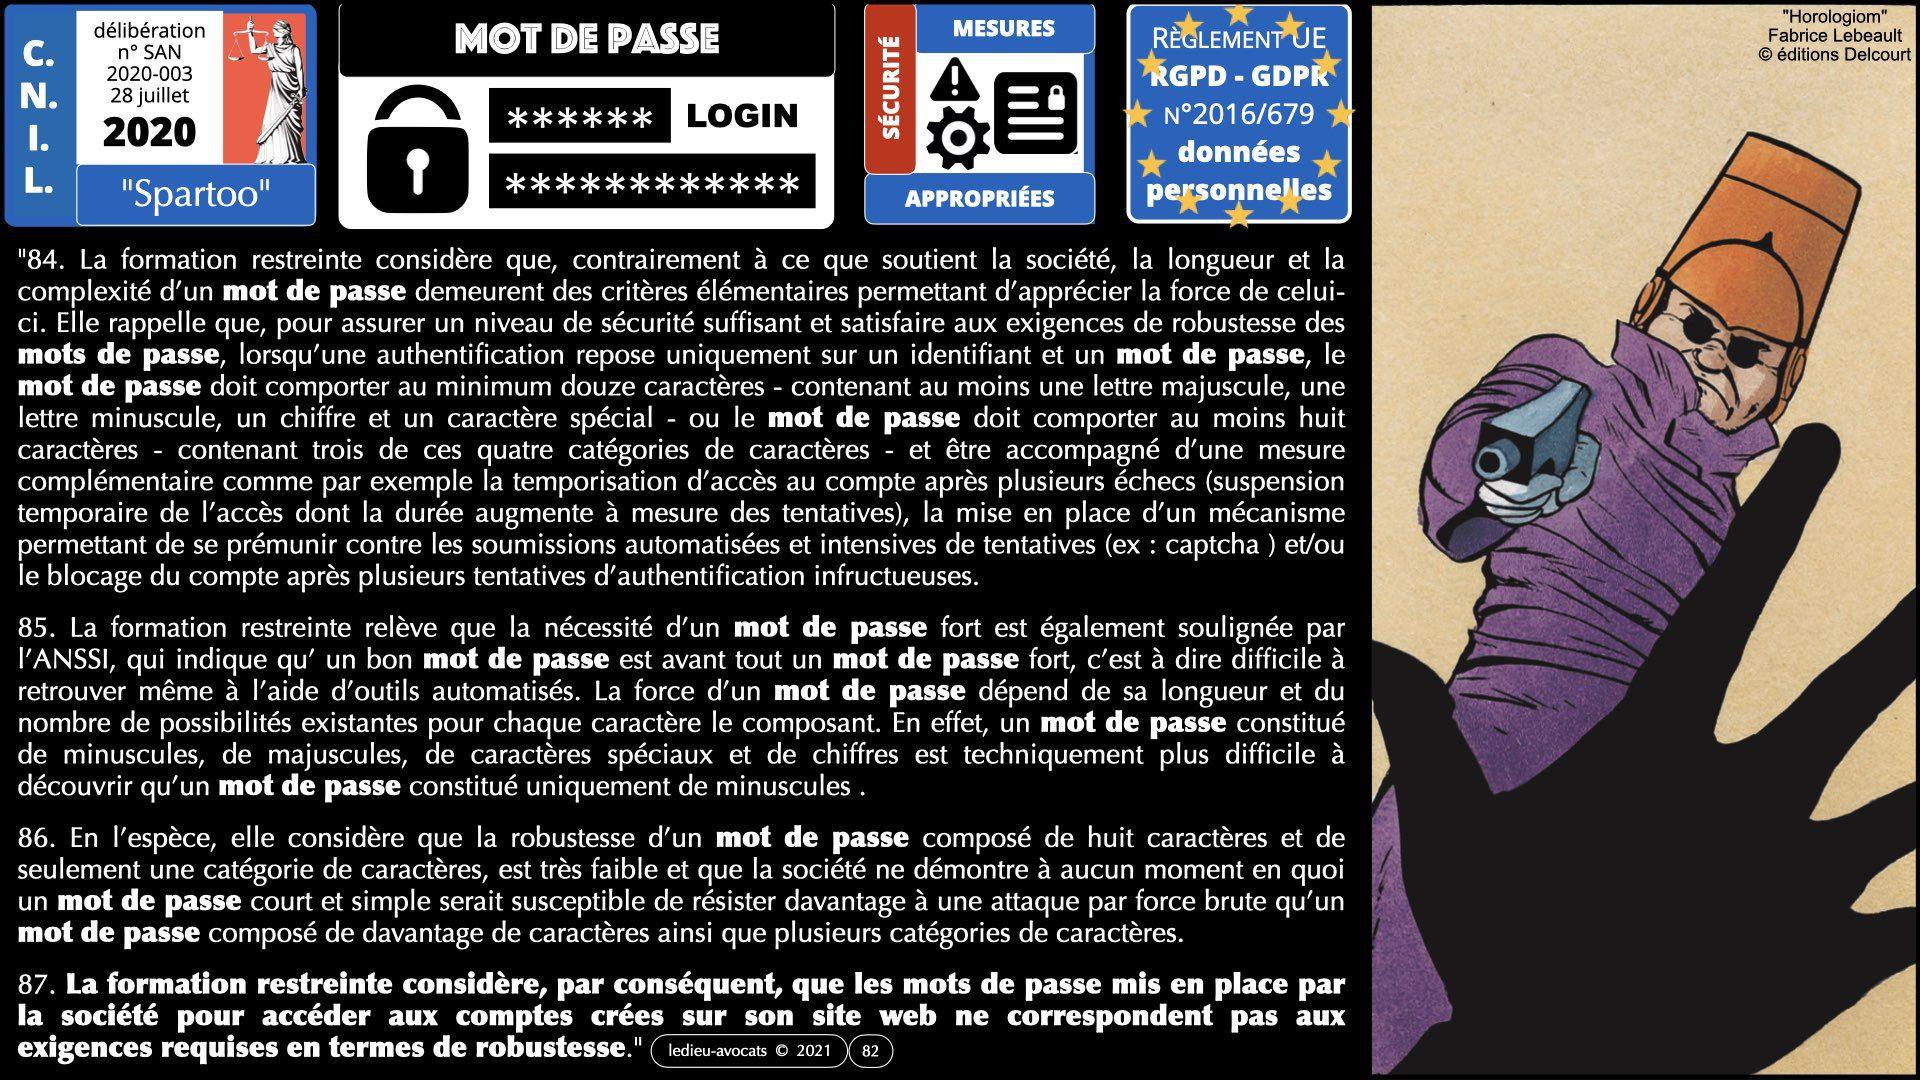 342 droit mot de passe OIV OSE ANALYSE de RISQUE EBIOS RM © Ledieu-Avocats technique droit numérique 05-09-2021.012